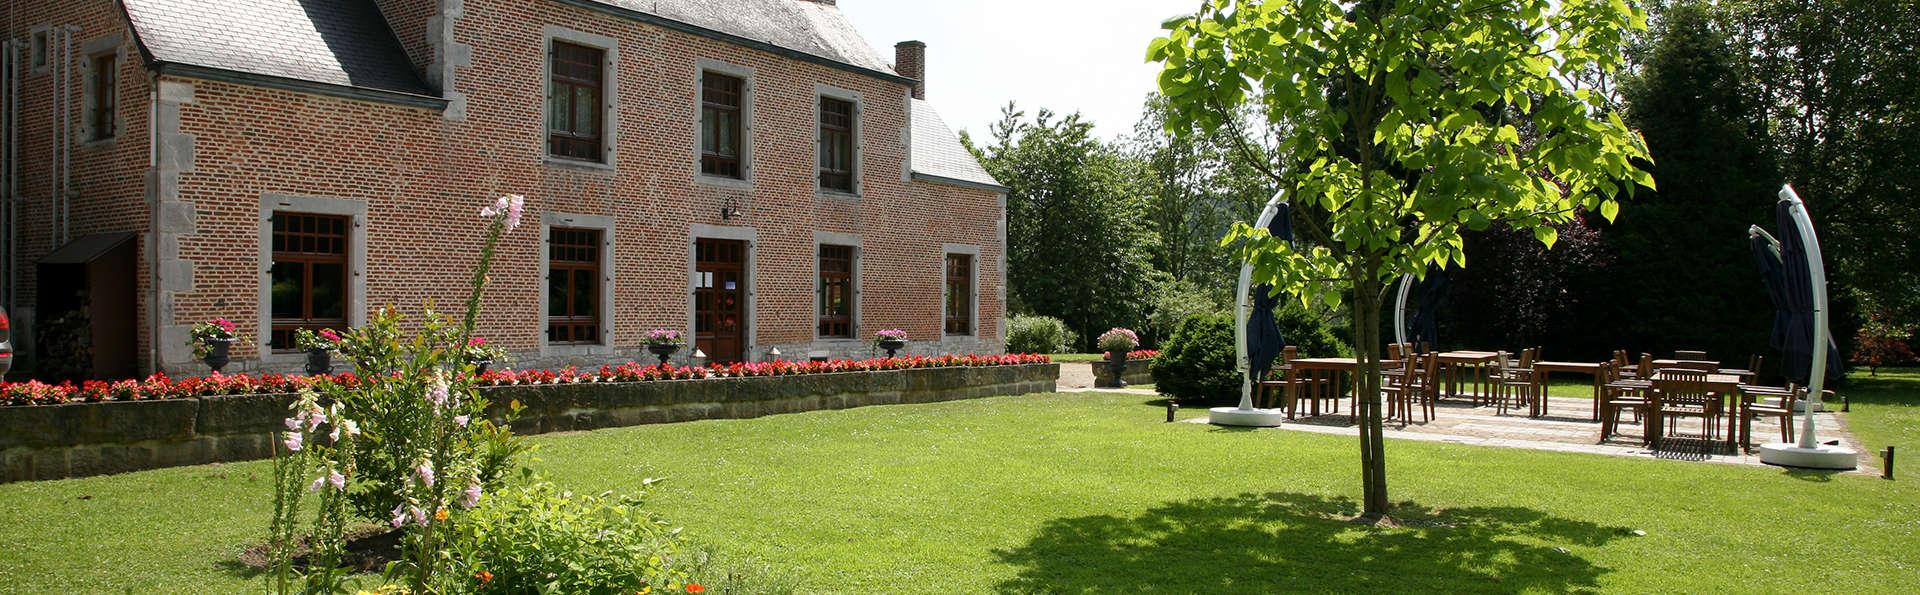 Exclusief aanbod: 3 nachten voor de prijs van 2 in de buurt van Rochefort!